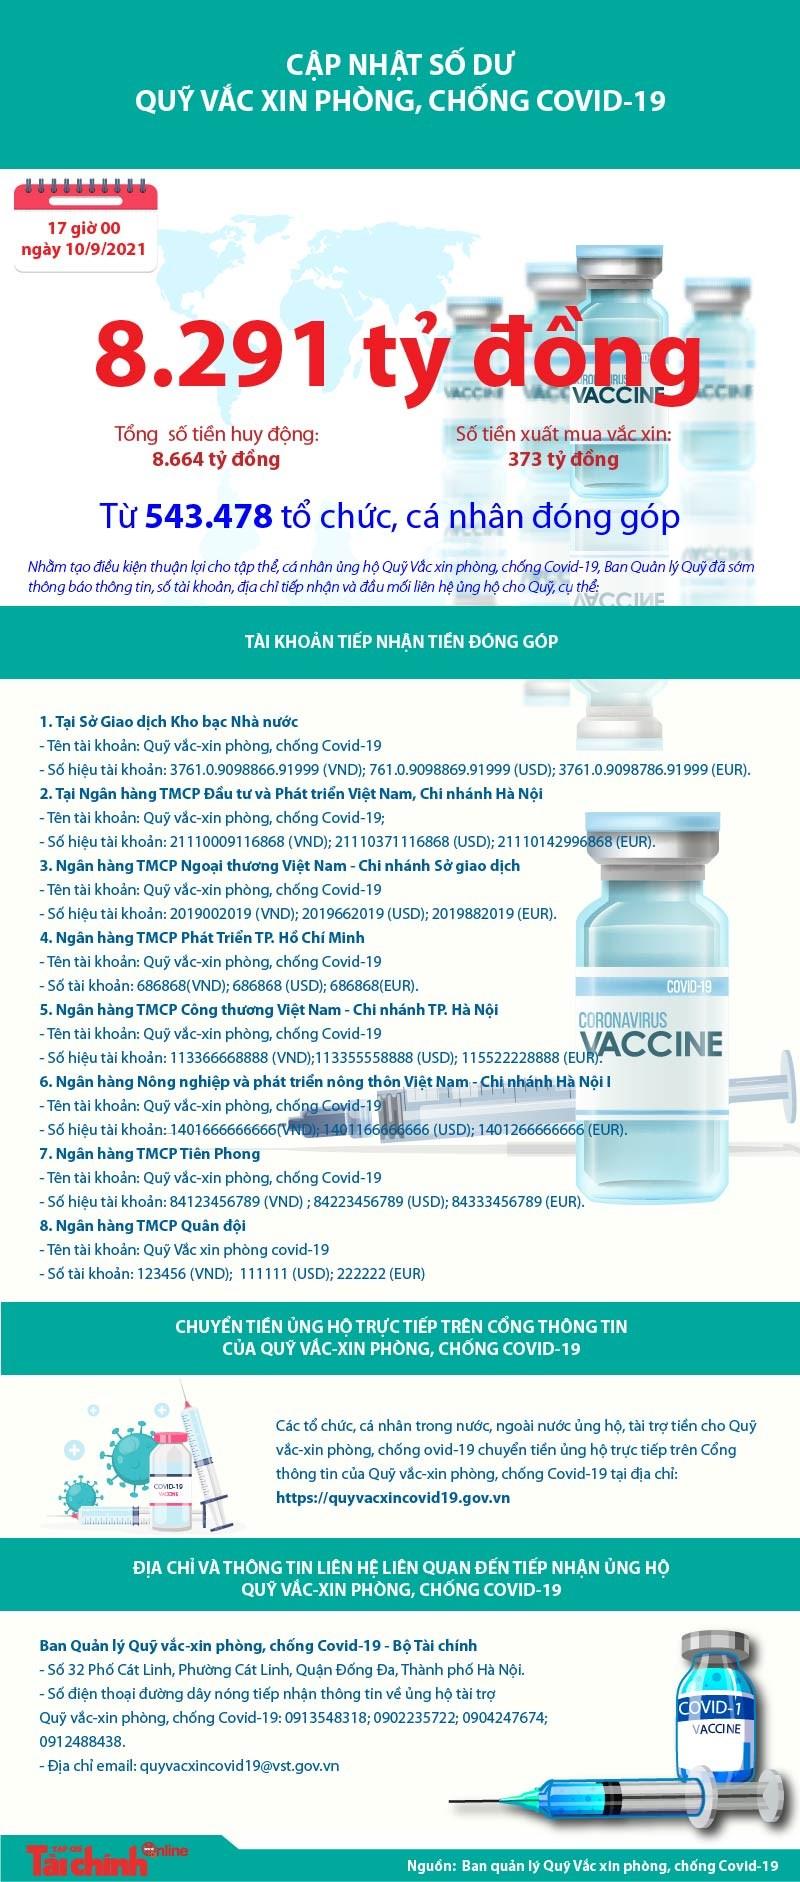 [Infographics] Quỹ Vắc xin phòng, chống COVID-19 còn dư 8.291 tỷ đồng - Ảnh 1